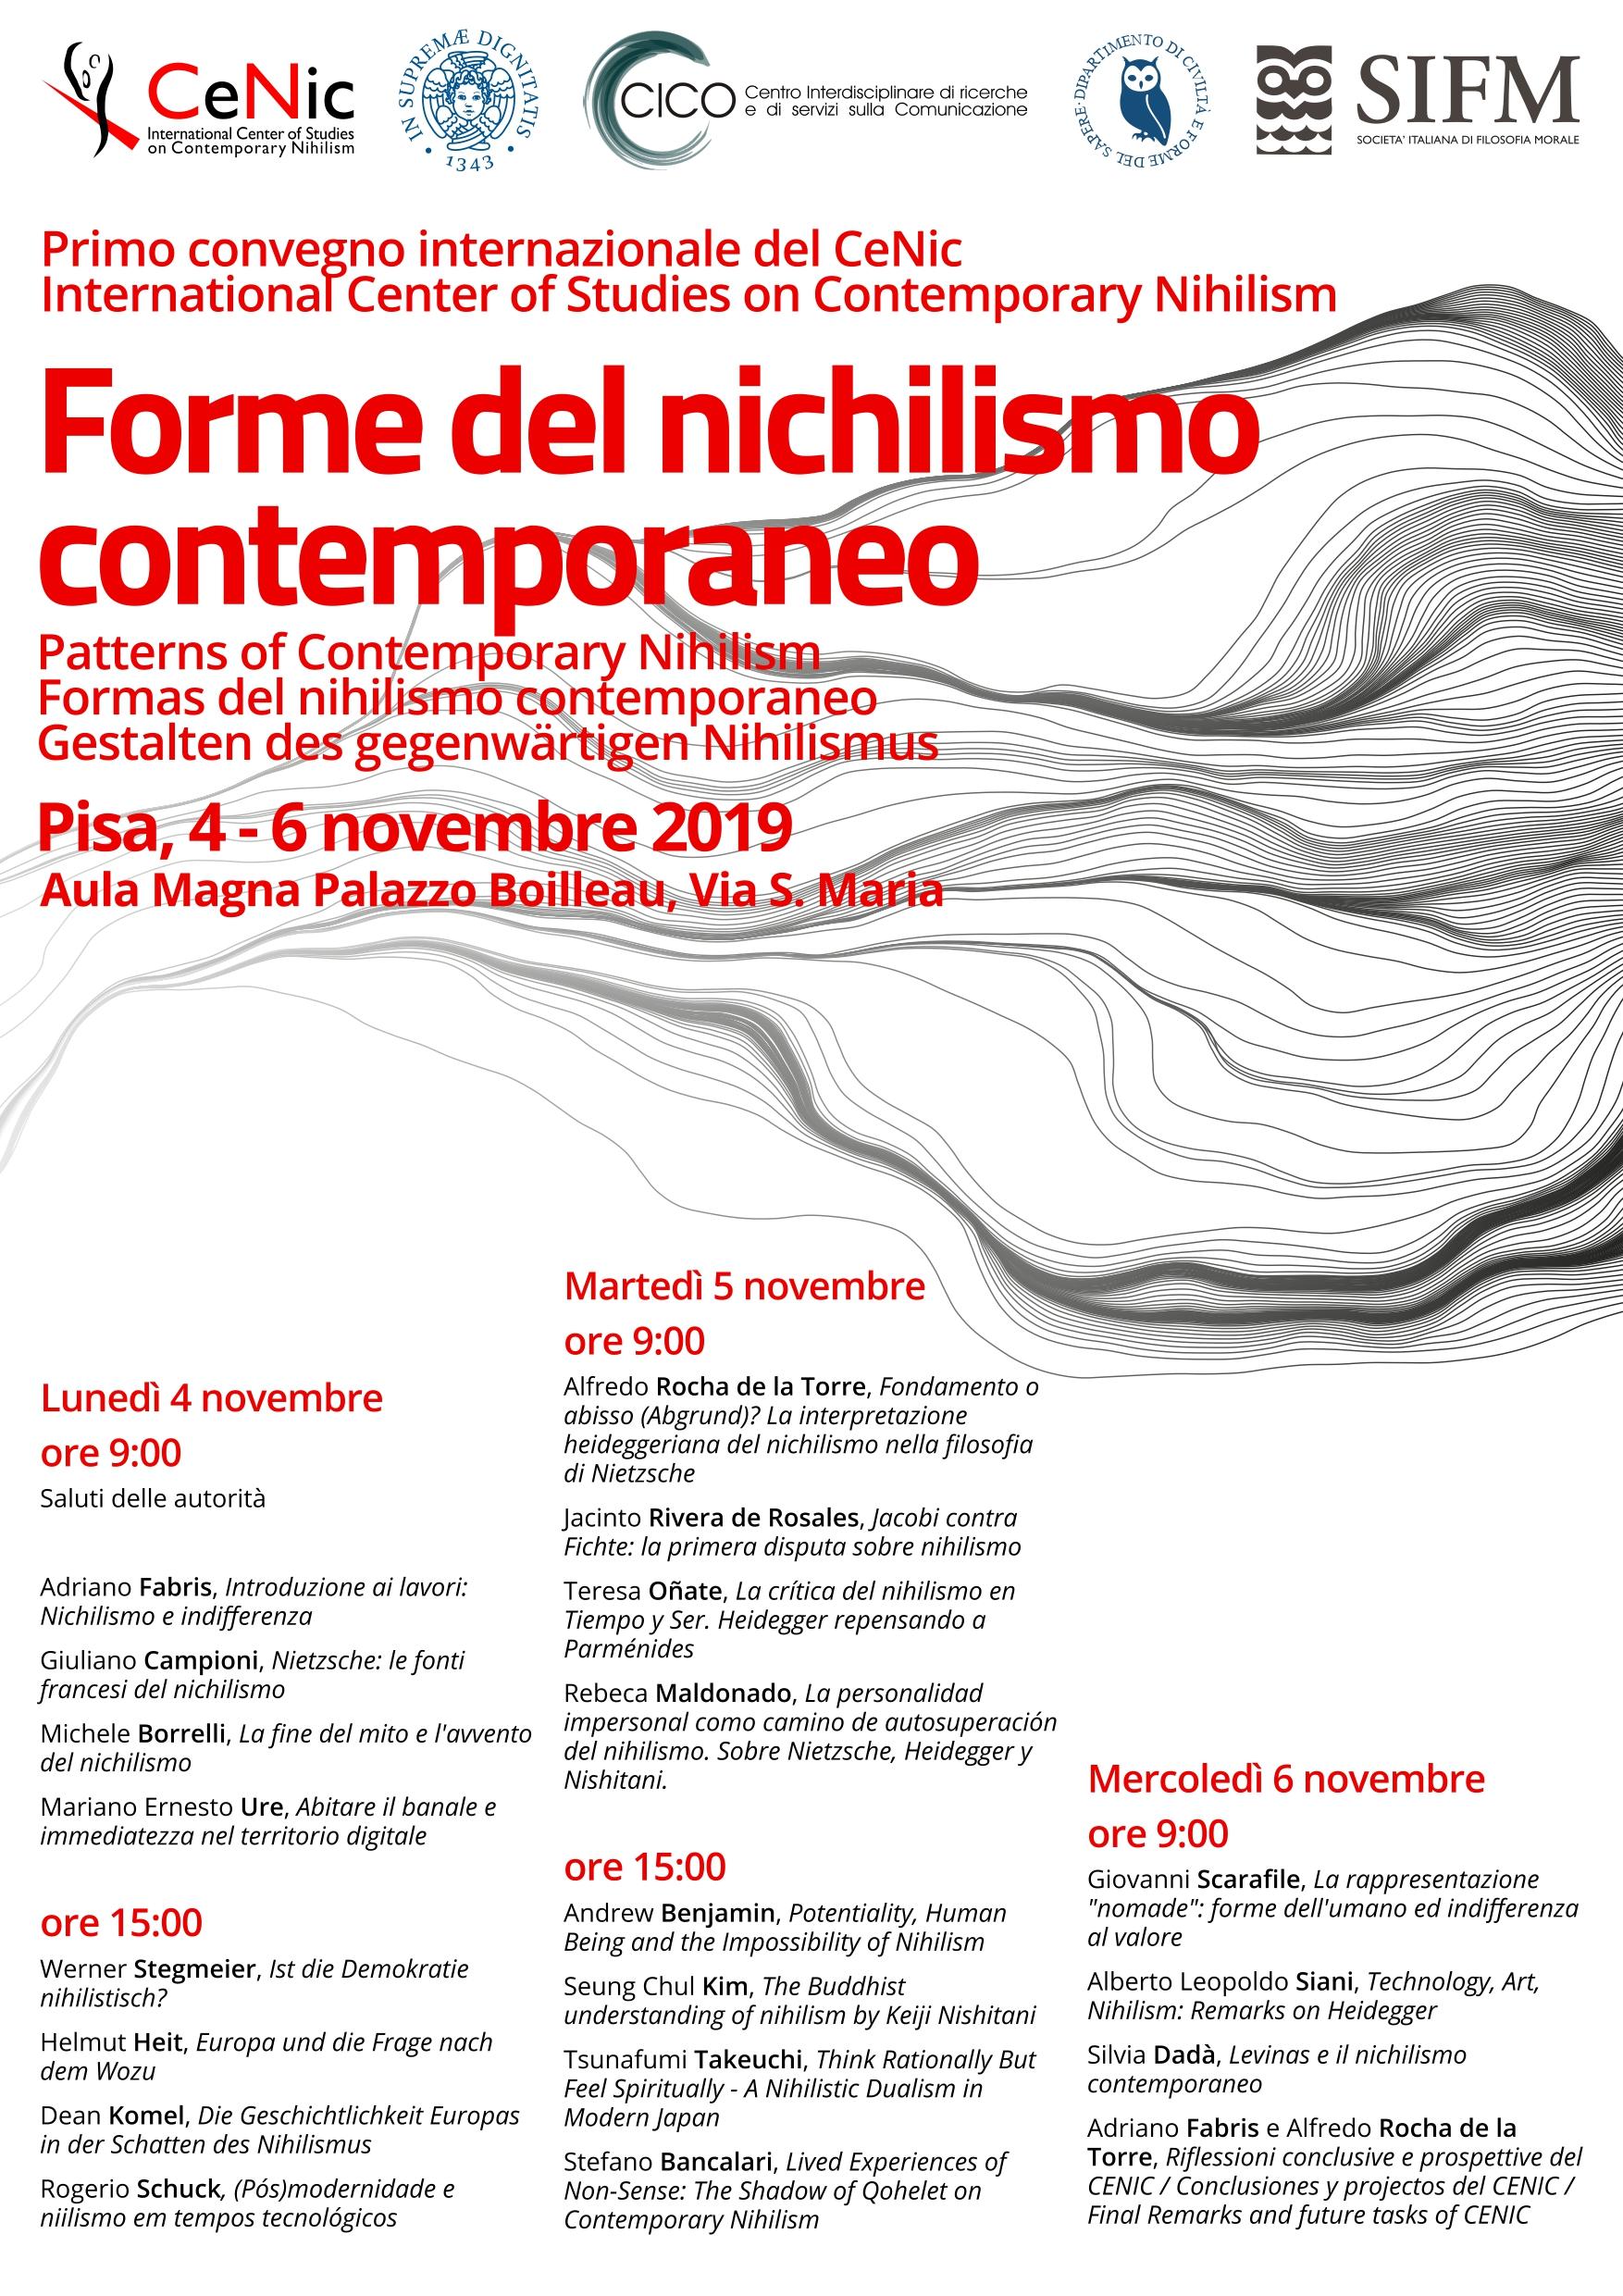 convegno-forme-del-nichilismo-2019